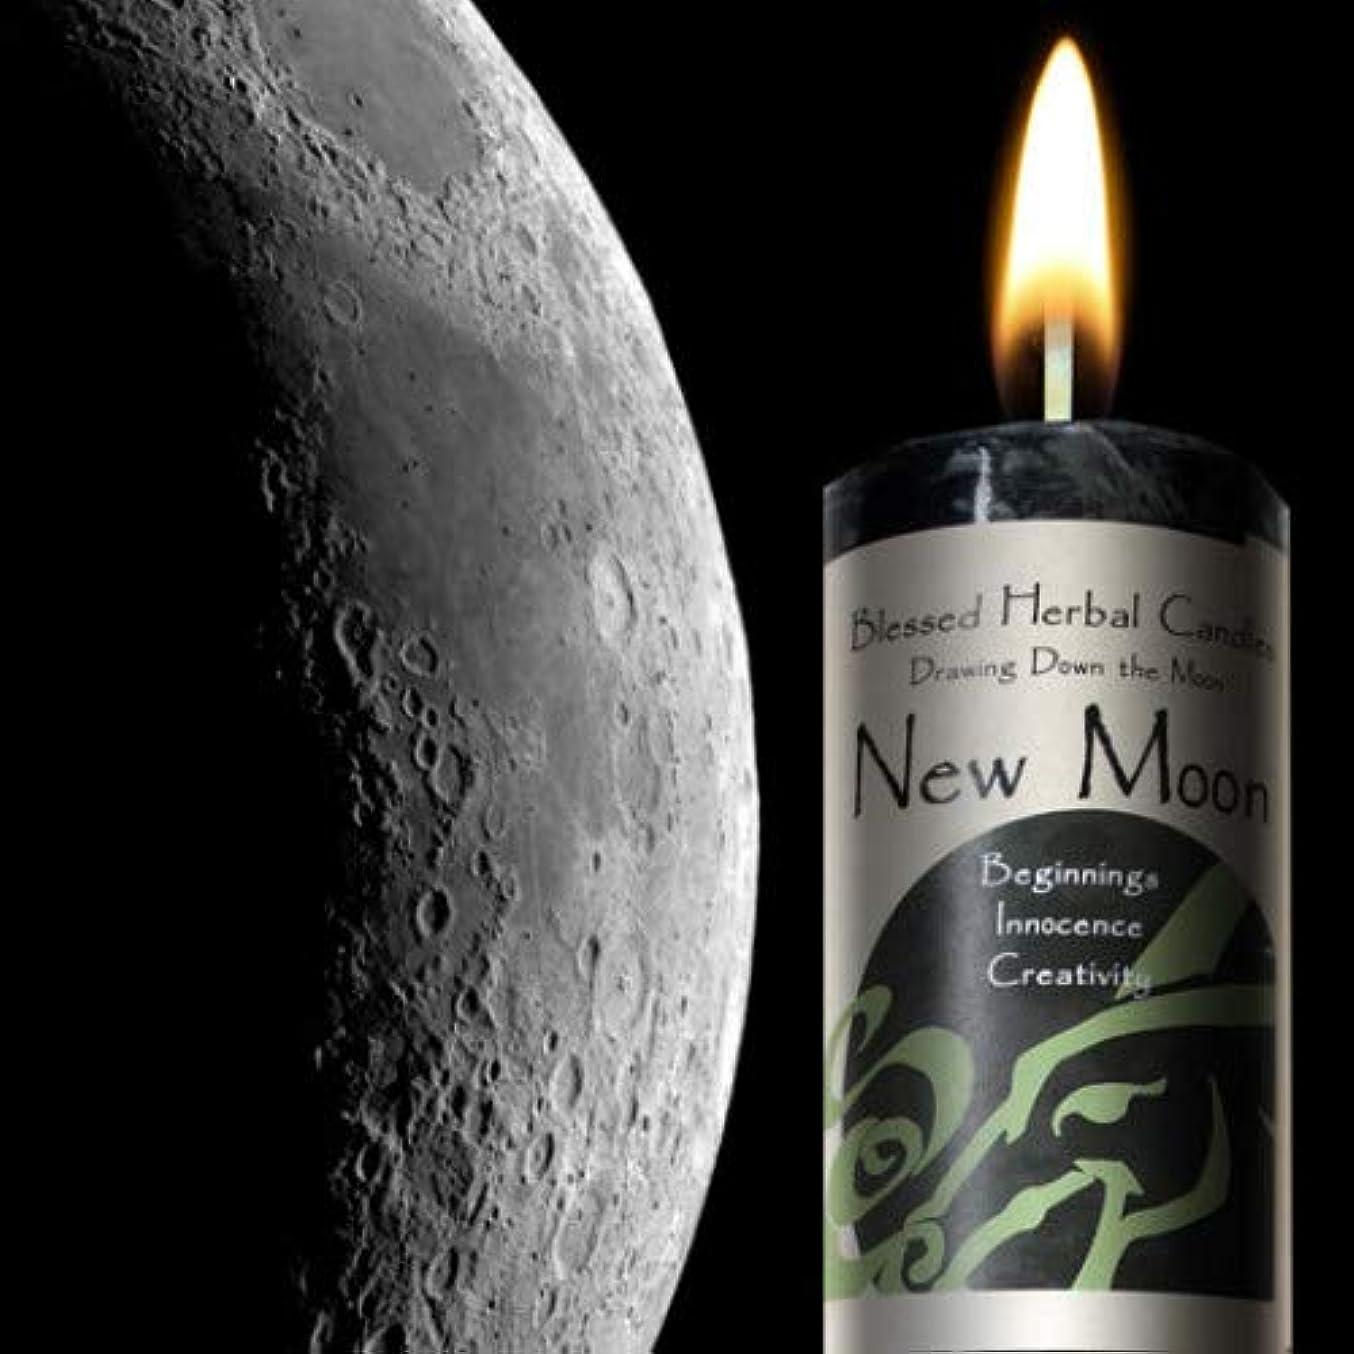 統合する壁契約した図面Down theムーン – New Moon